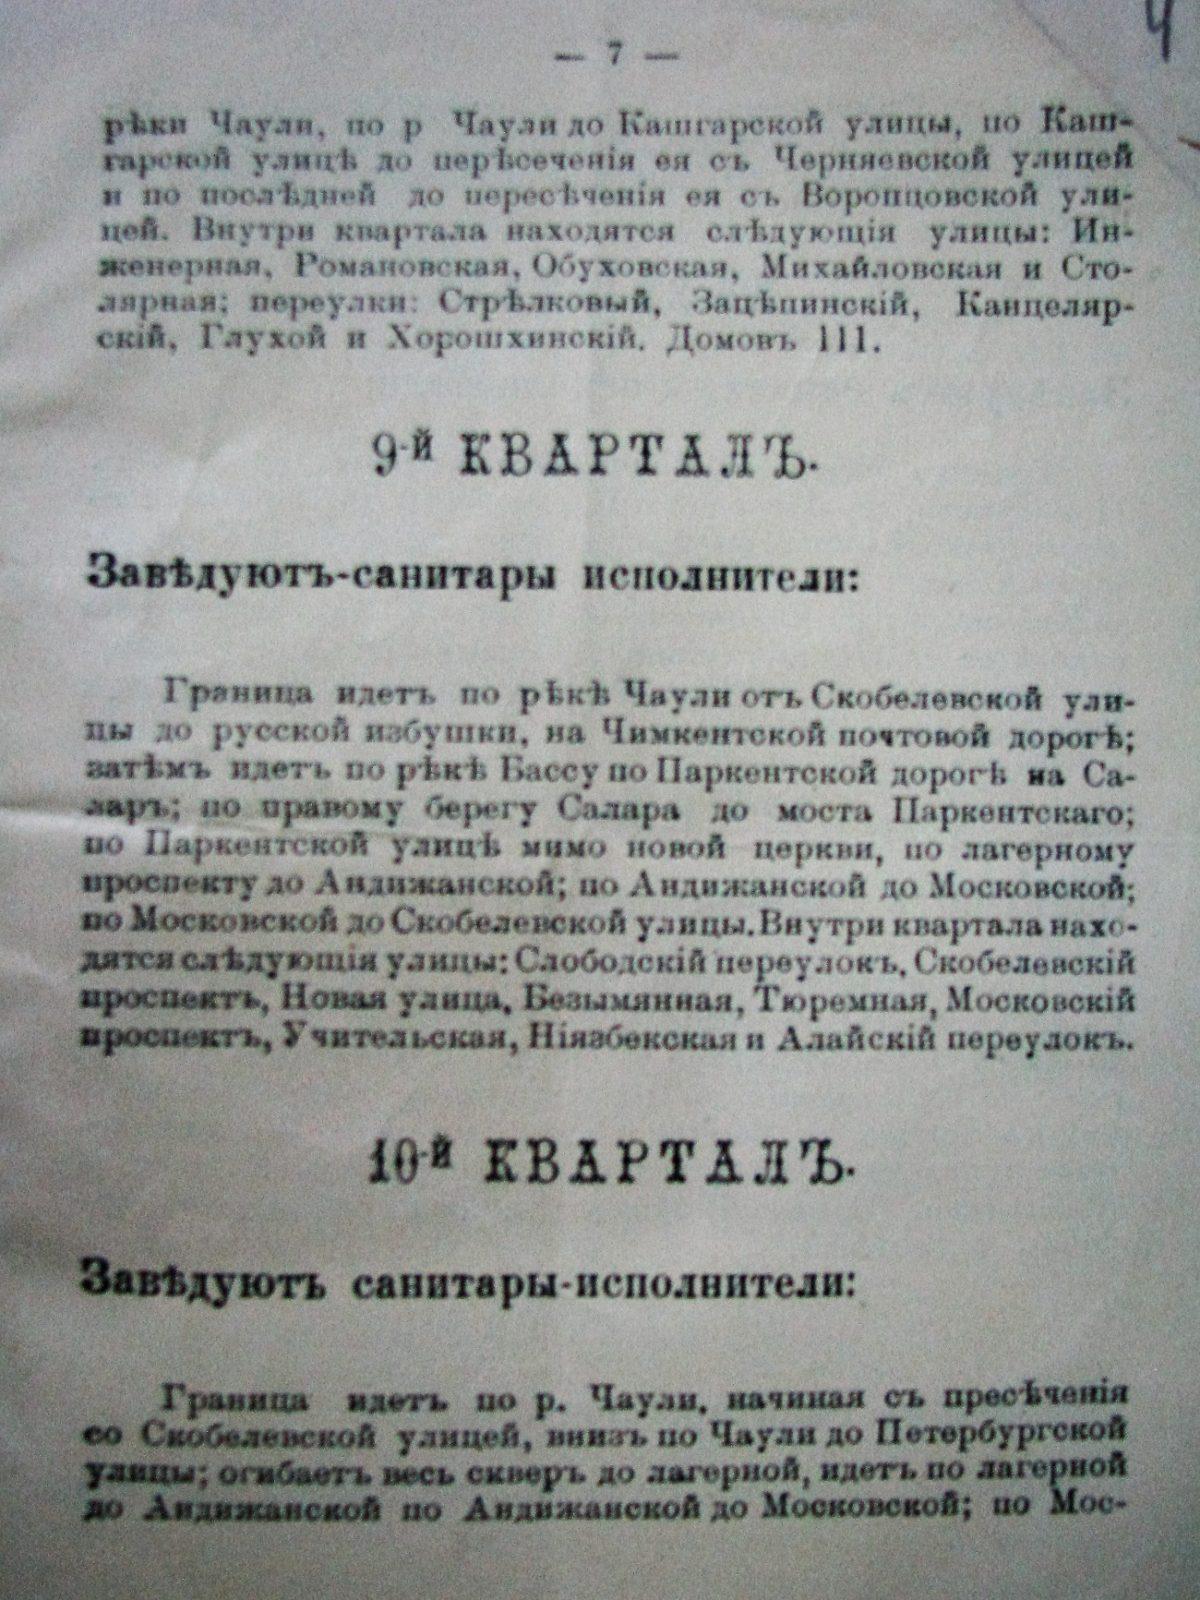 Ташкент_shosh (6)